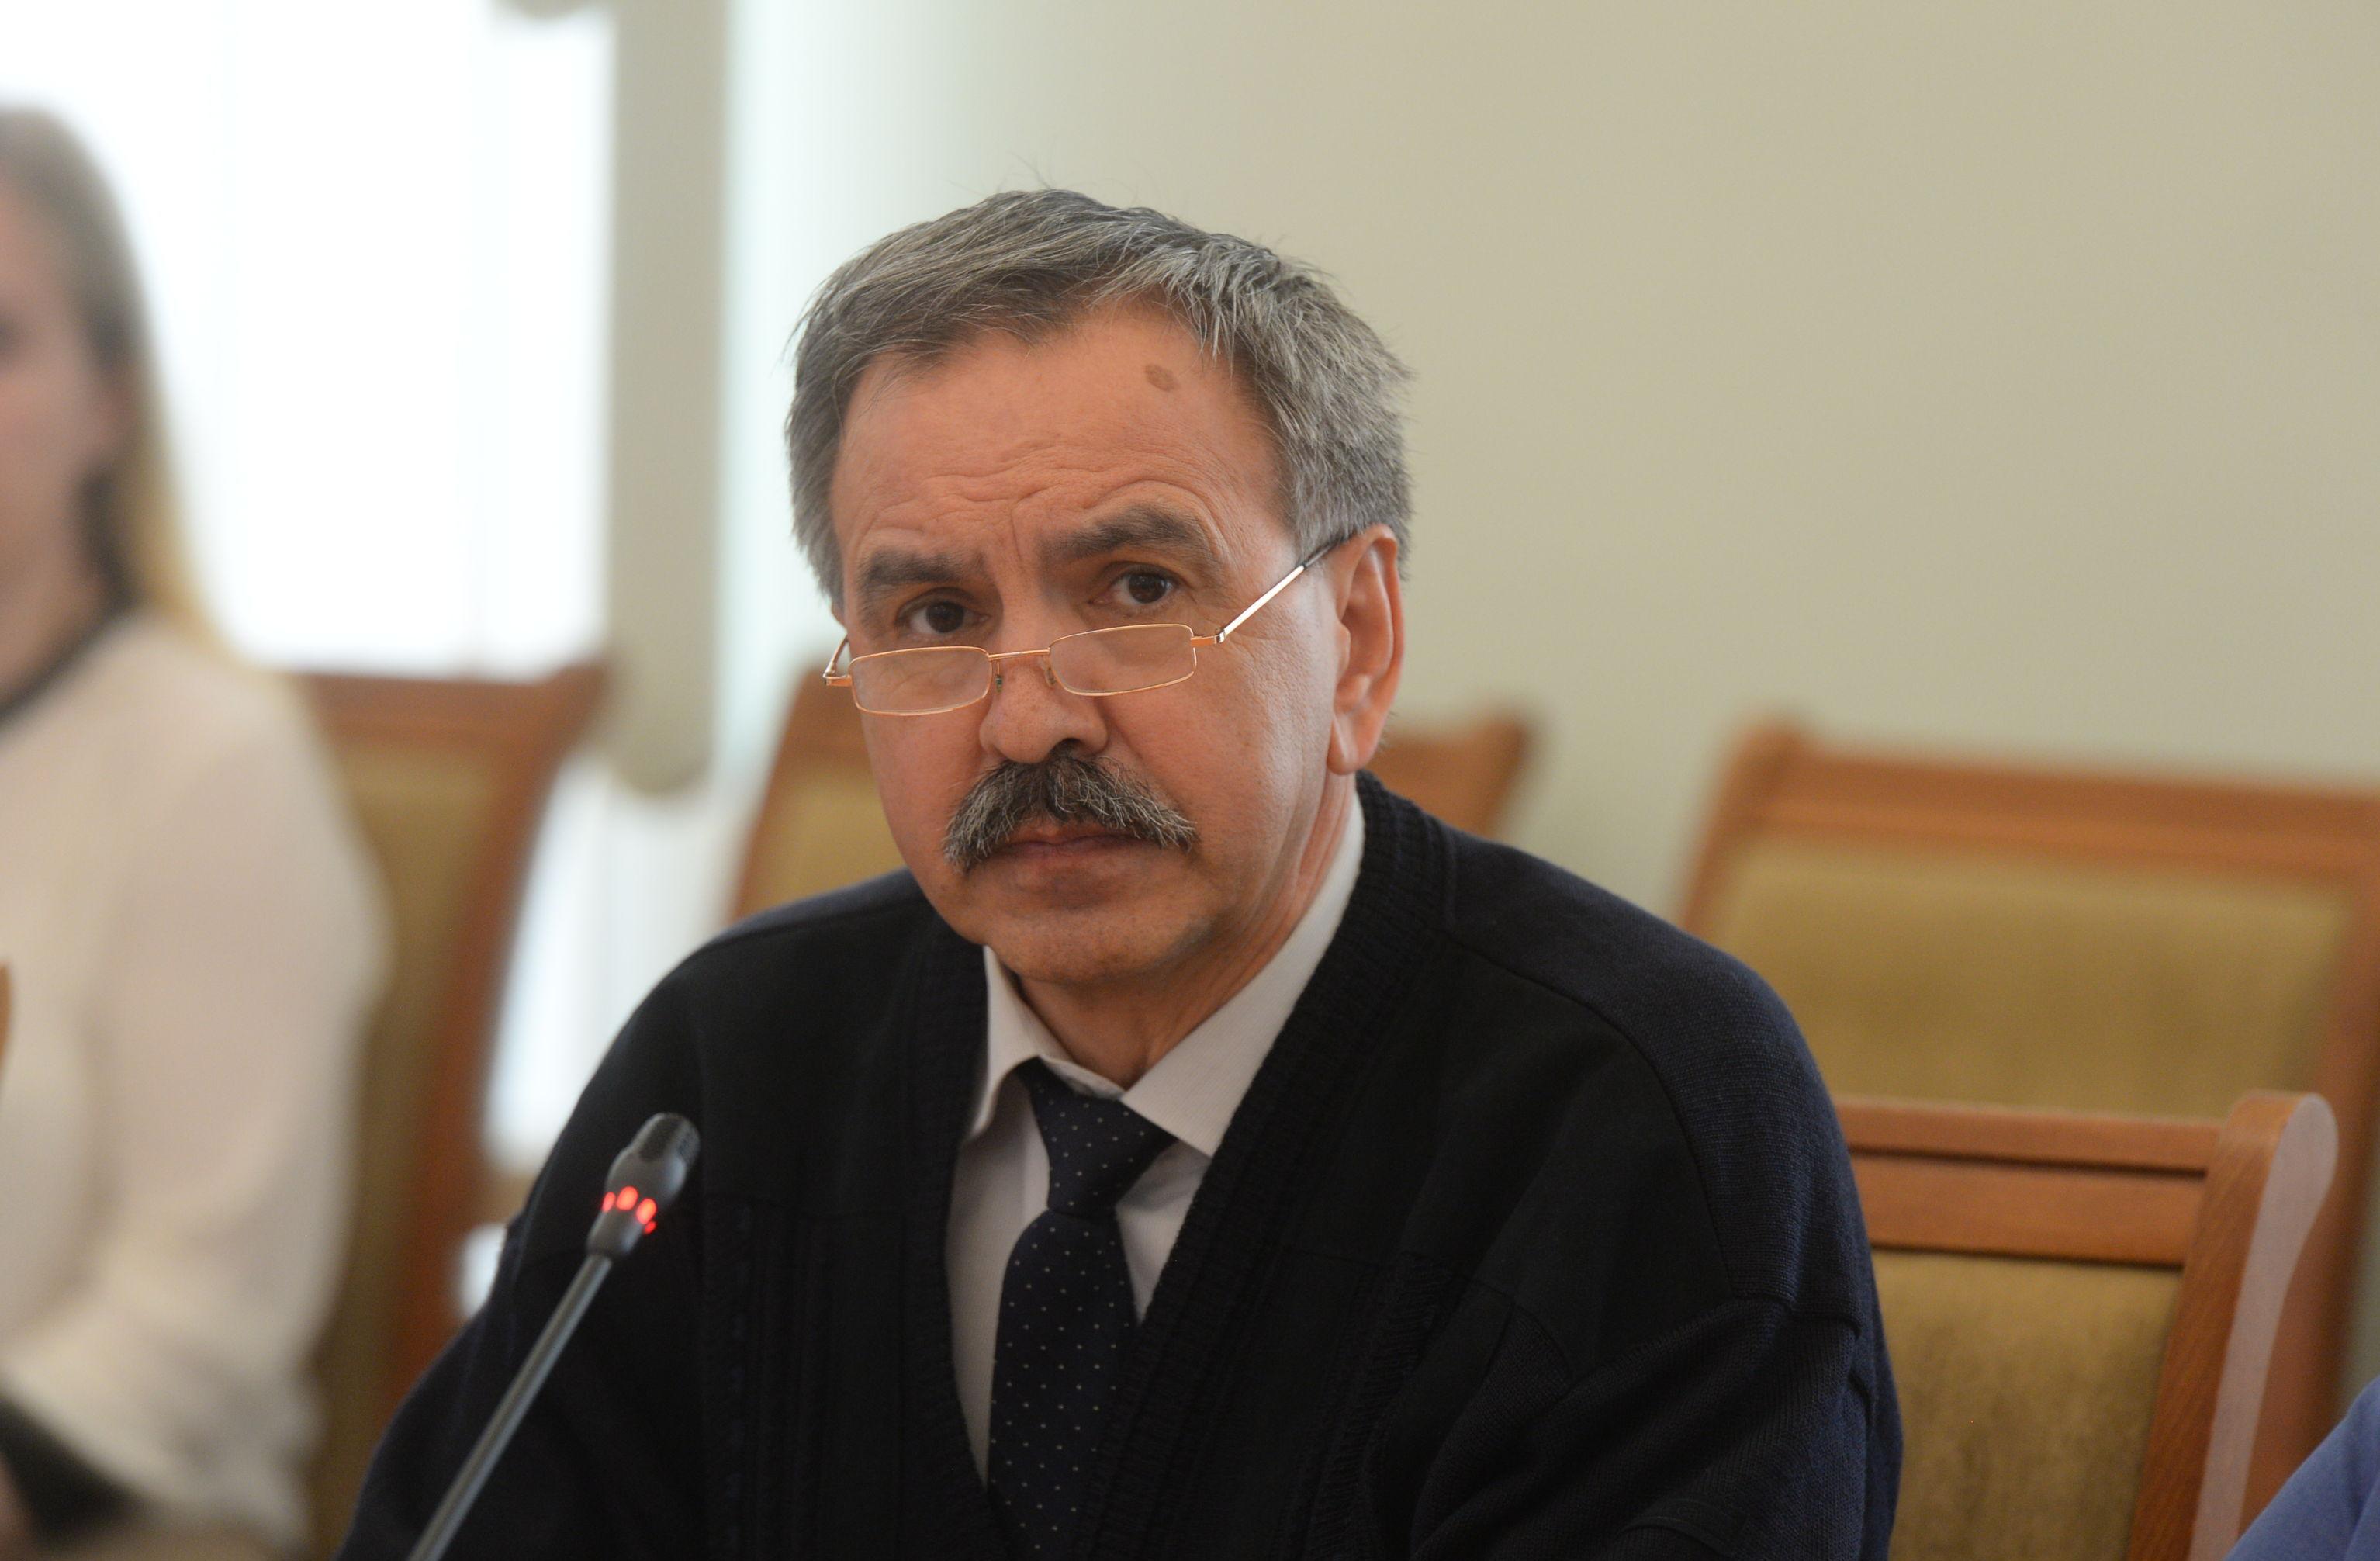 Замдиректора по экономвопросам Центрального НИИ организации и информатизации здравоохранения Фарит Кадыров